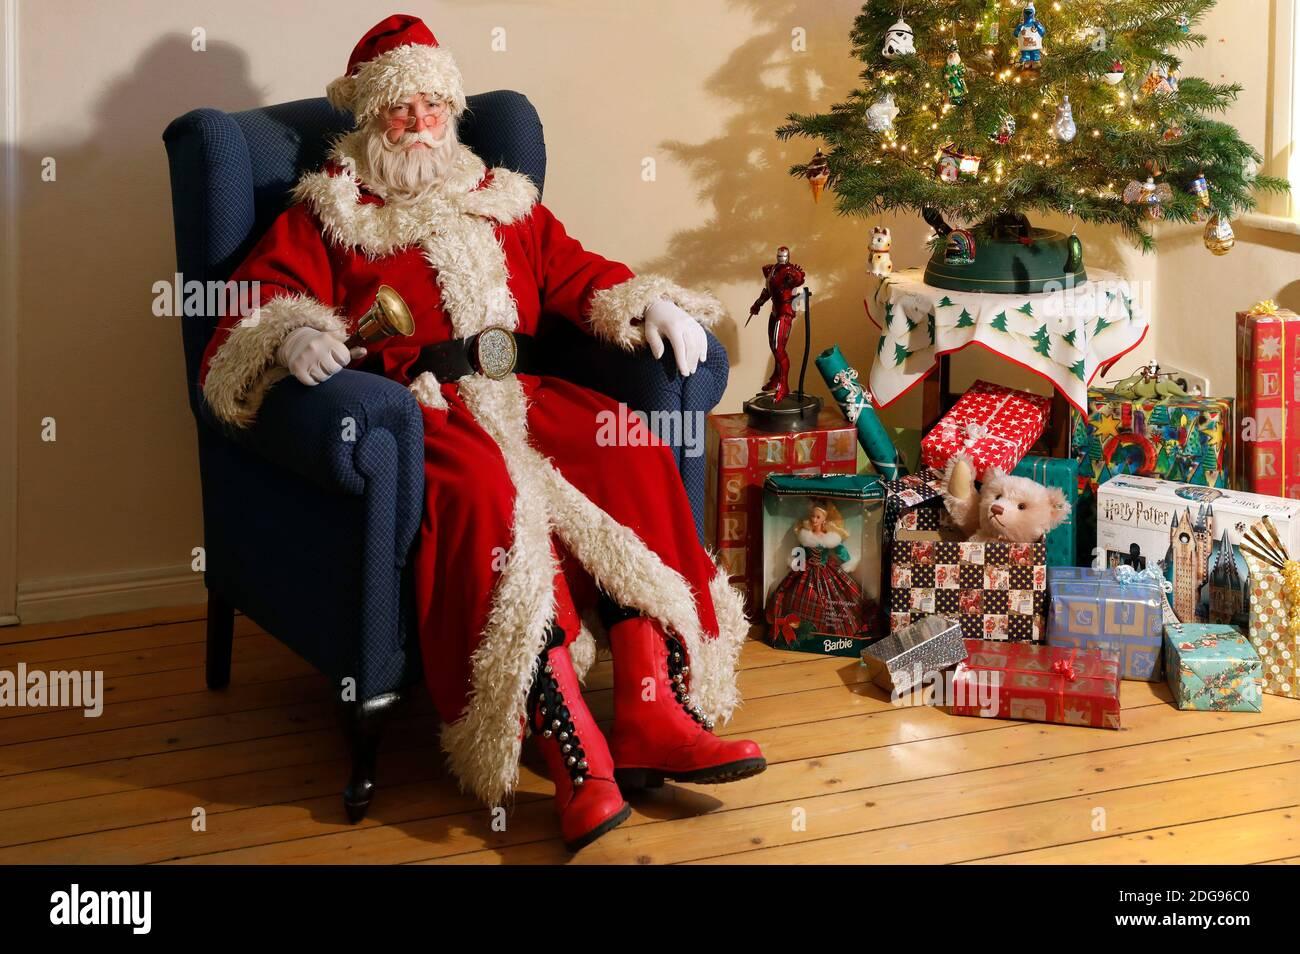 GEEK ART - Bodypainting et Transformaking: 'The Grinch Steals Christmas' photoshooting avec Fabian Zesiger comme Santa Claus à la Villa Czarnecki à Hameln le 7 décembre 2020 - UN projet du photographe Tschiponnique Skupin et du peintre du corps Enrico Lein Banque D'Images